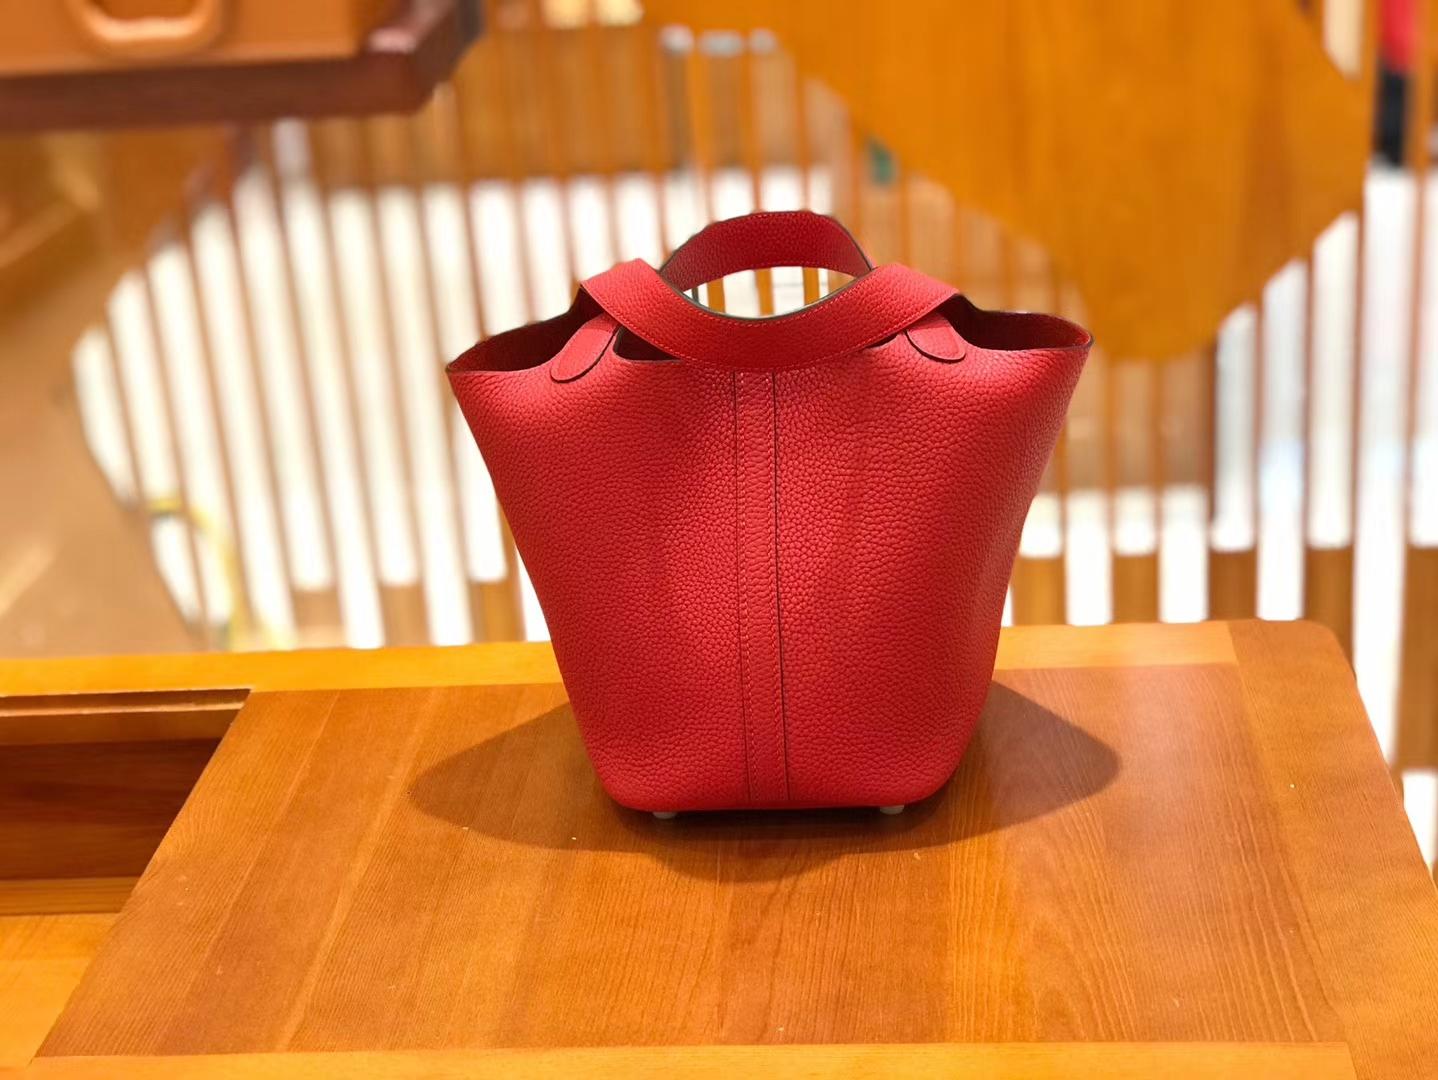 Hermès(爱马仕)Piction 18cm 大红色 银扣 Togo小牛皮 全手工缝制